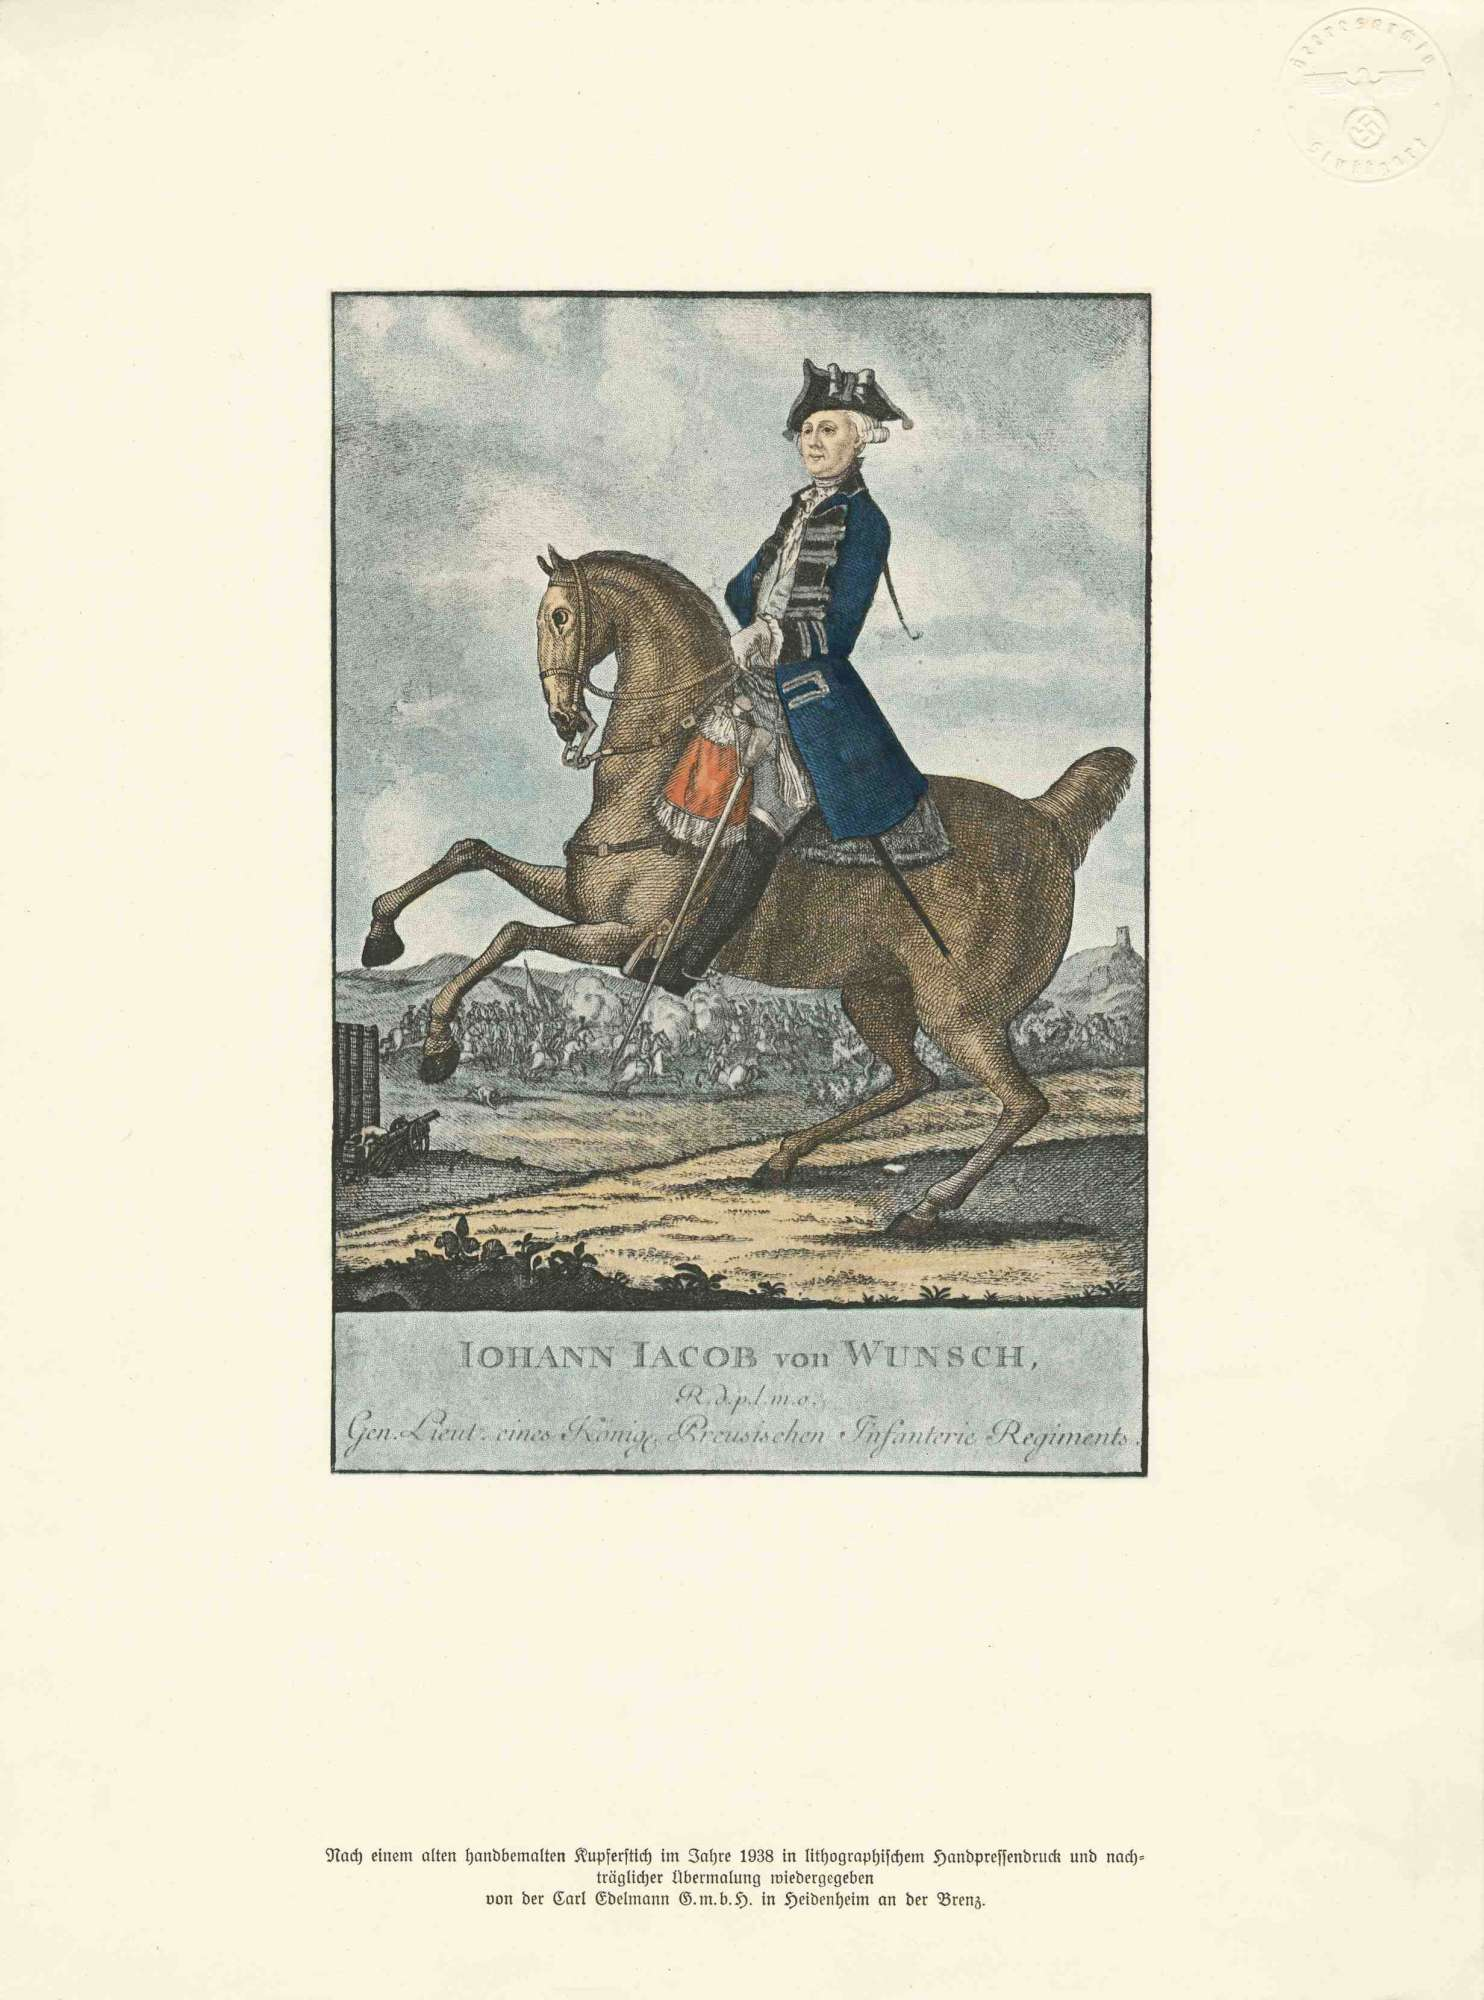 Johann Jakob von Wunsch, Generalleutnant eines Königl. Preuss. Infanterie-Regiments in Uniform mit Dreispitz-Hut zu Pferd, im Hintergrund Schlachtszene, Bild 1